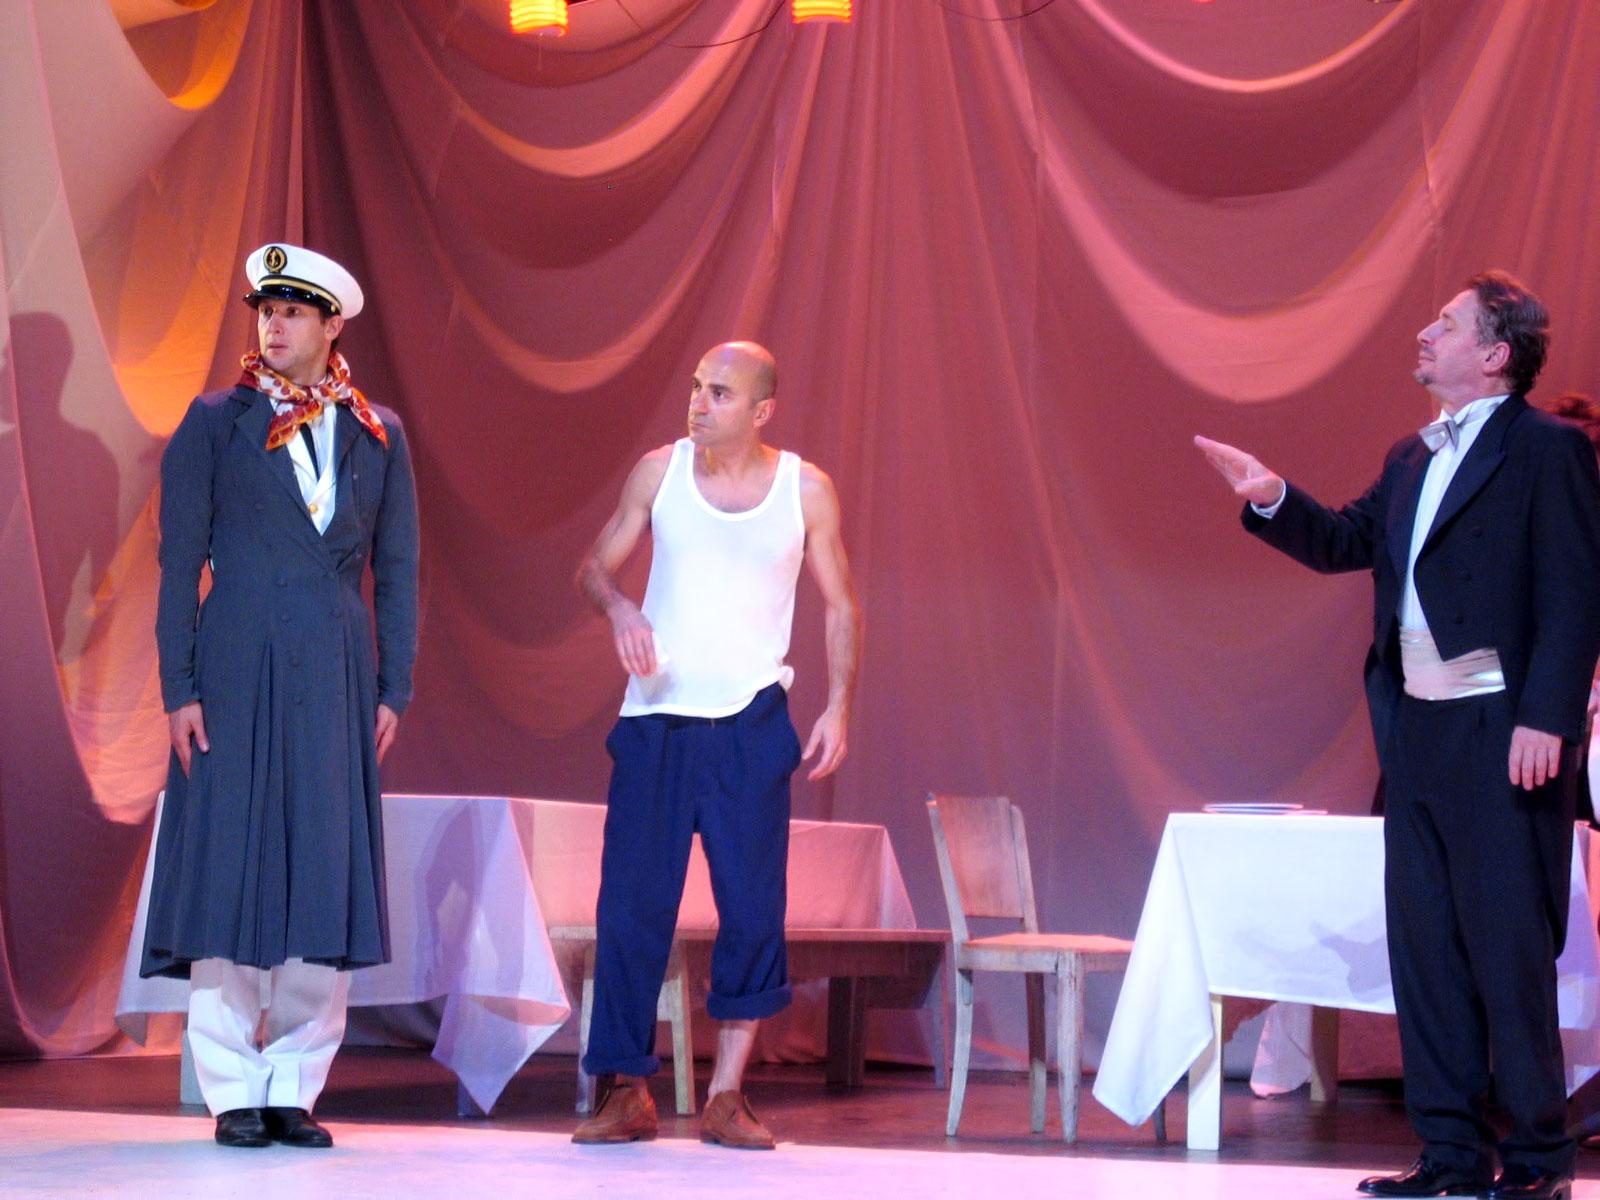 le mariage de figaro - zinc théâtre